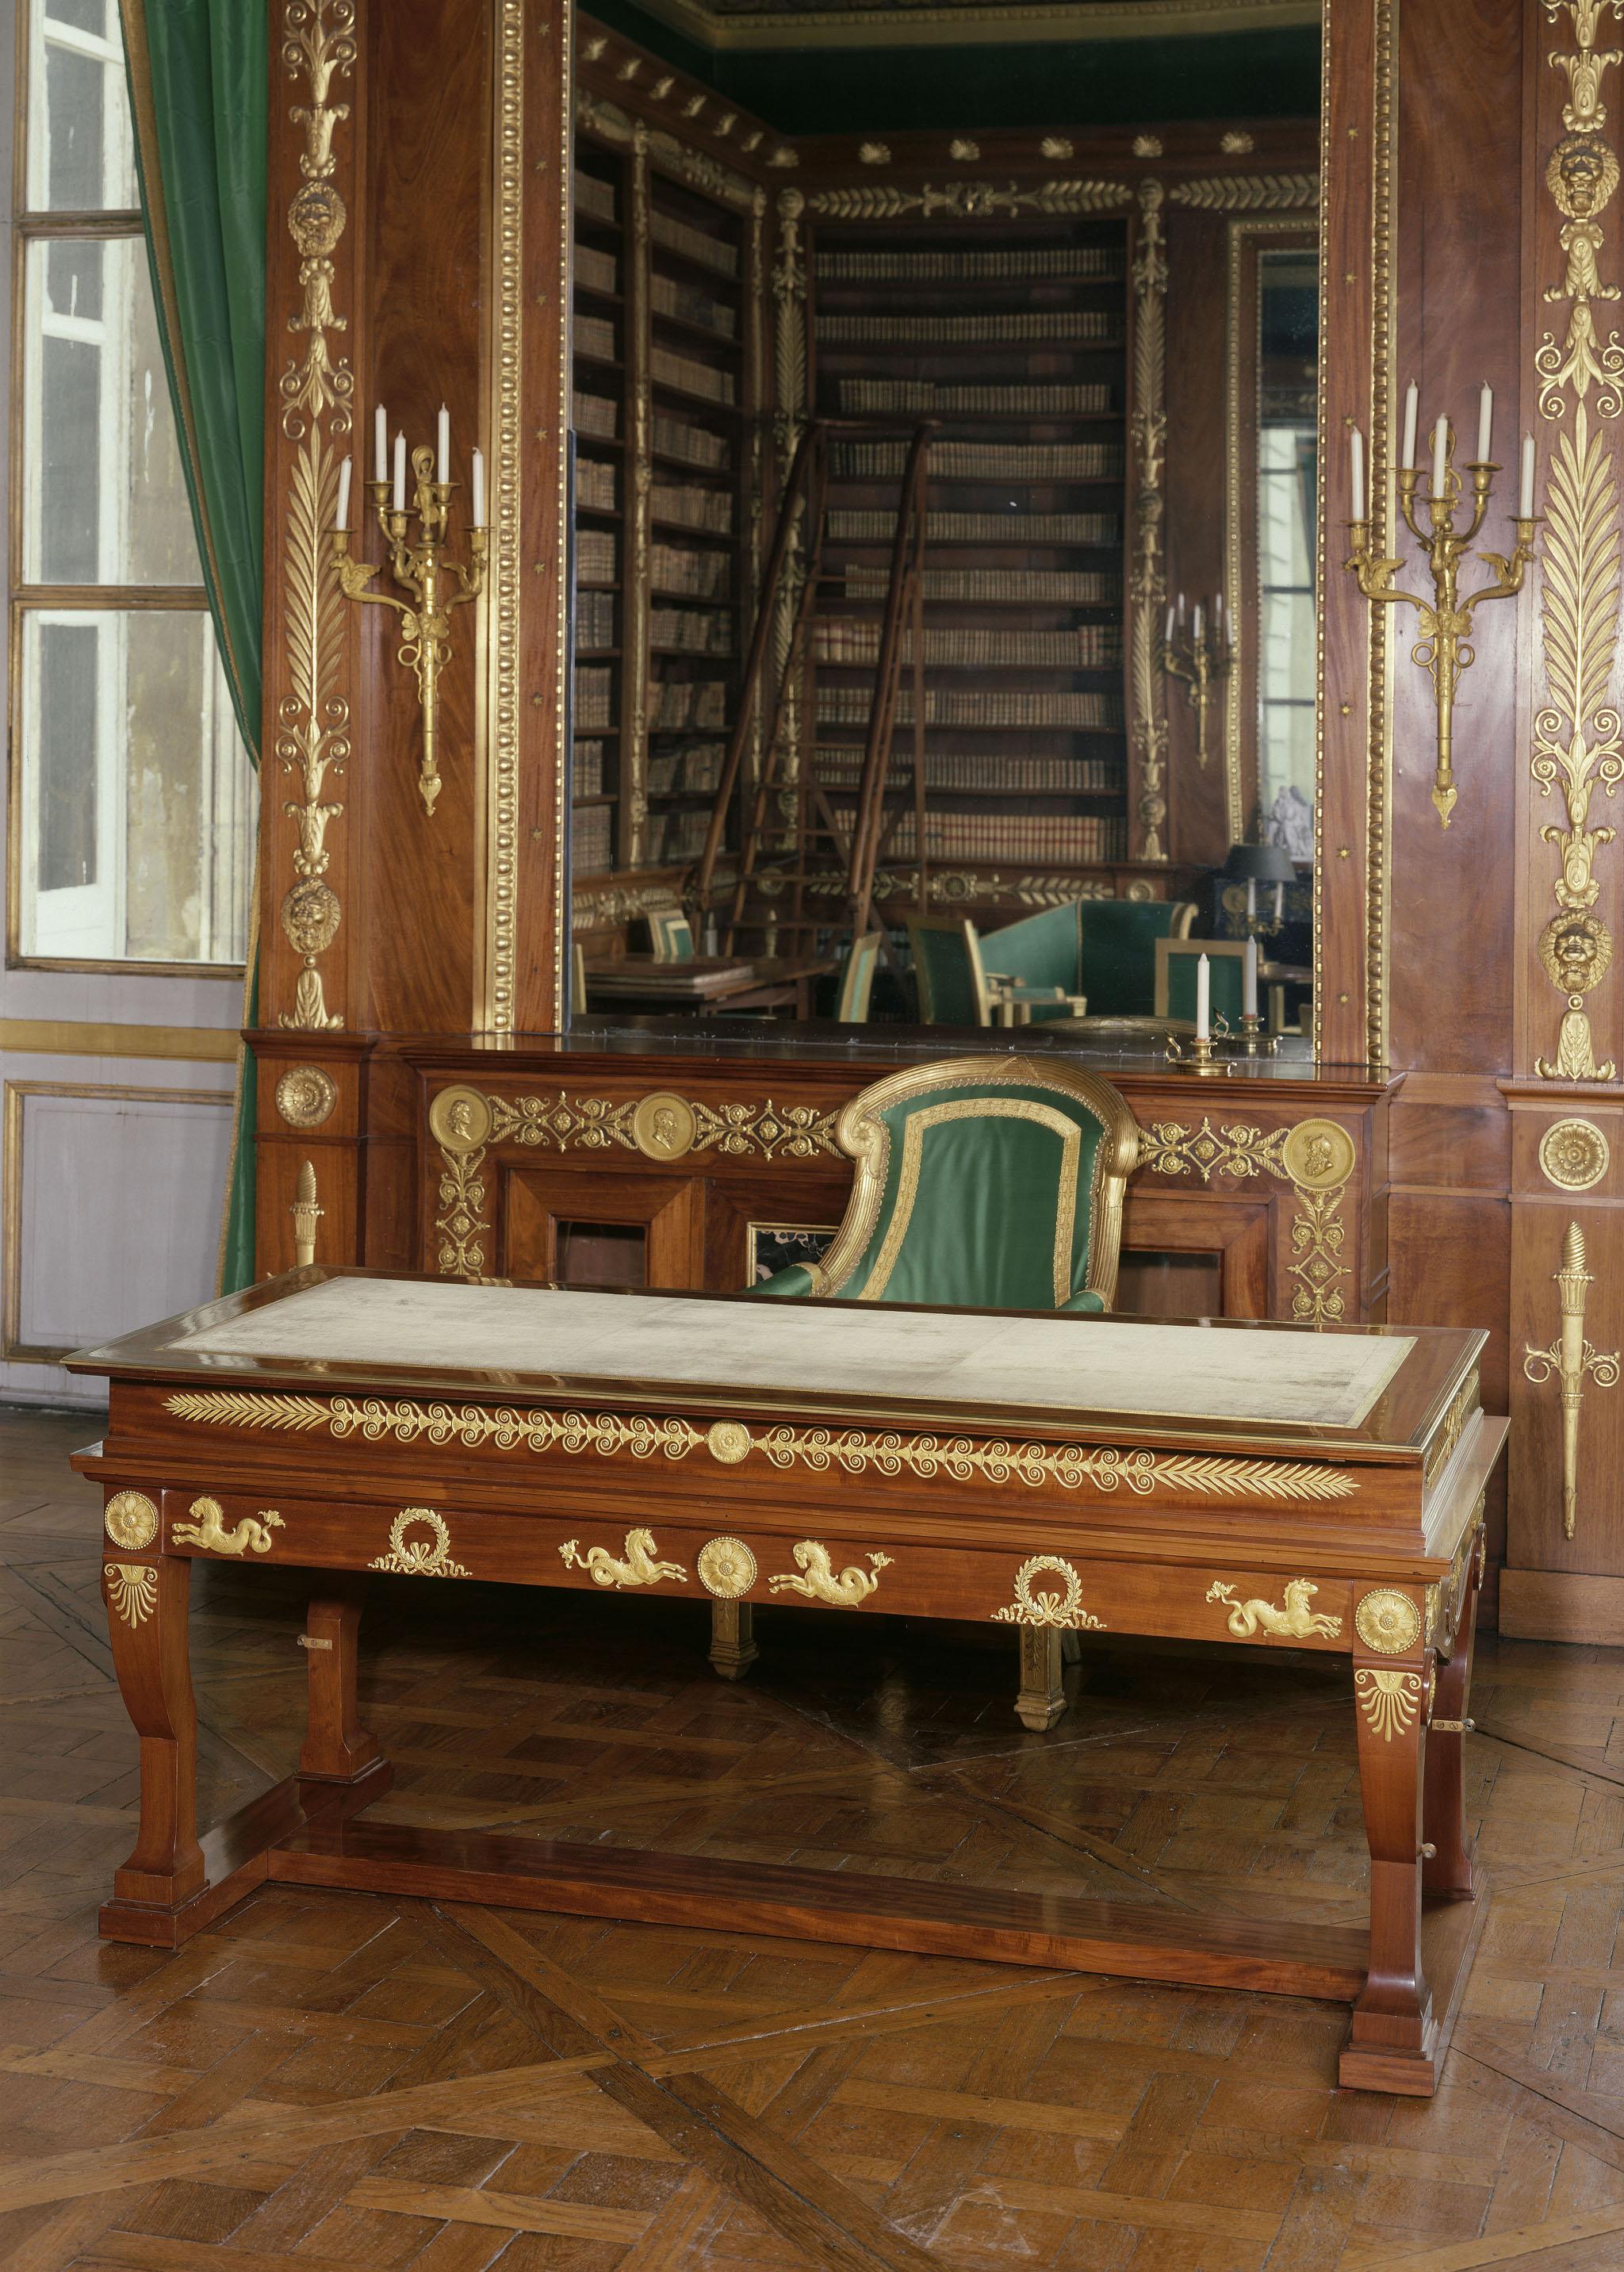 François-Honoré-Georges Jacob-Desmalter, Komoda, 1810, Compiègne, Musée national du palais, fot. © Réunion des musées nationaux – Grand Palais (domaine de Compiegne) / Jean Schormans (źródło: materiały prasowe organizatora)